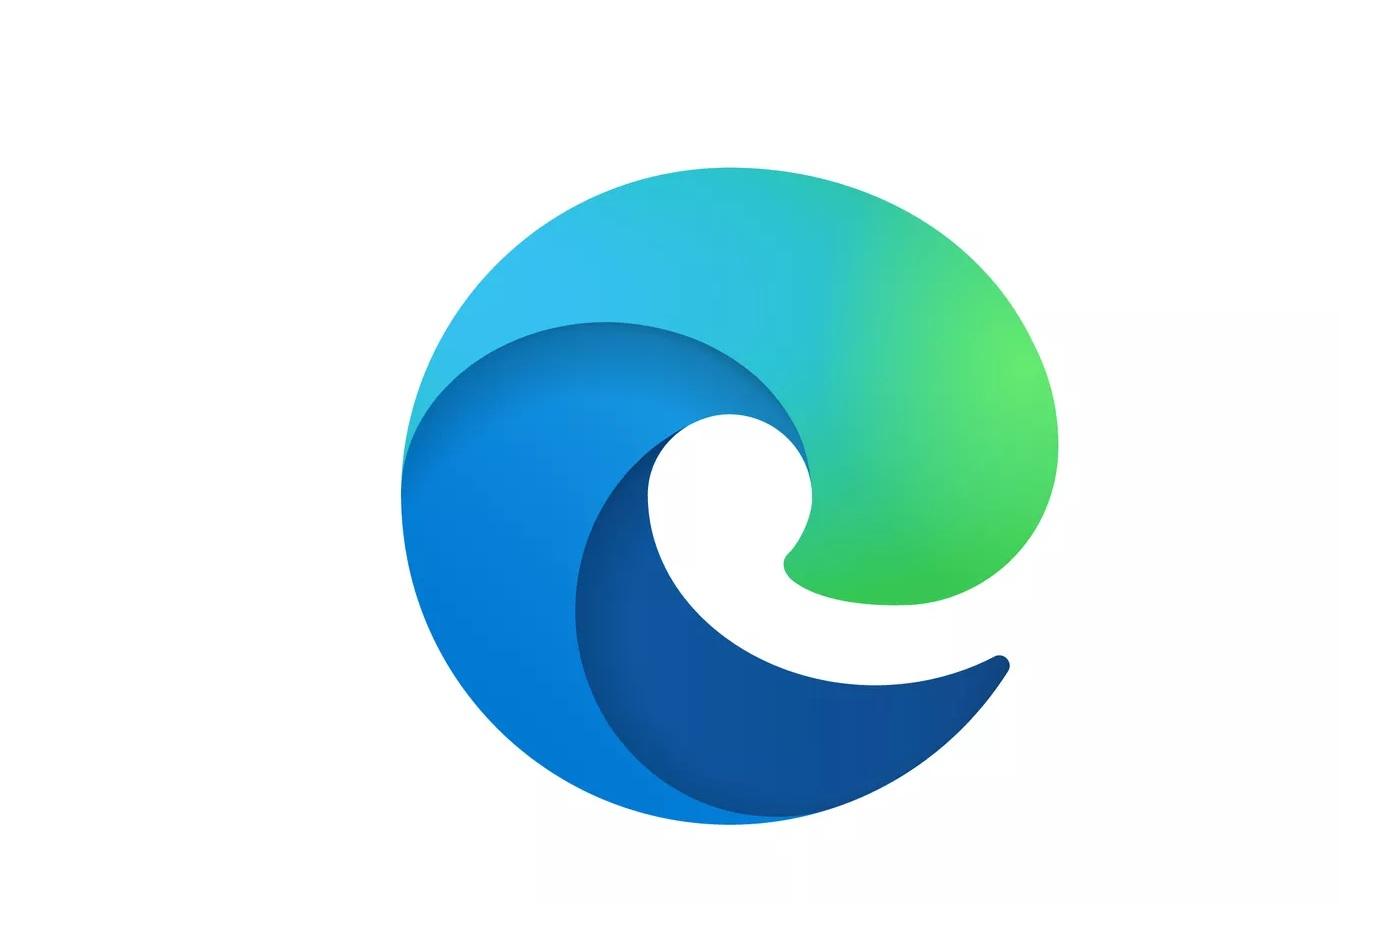 Voici le logo du nouveau Microsoft Edge